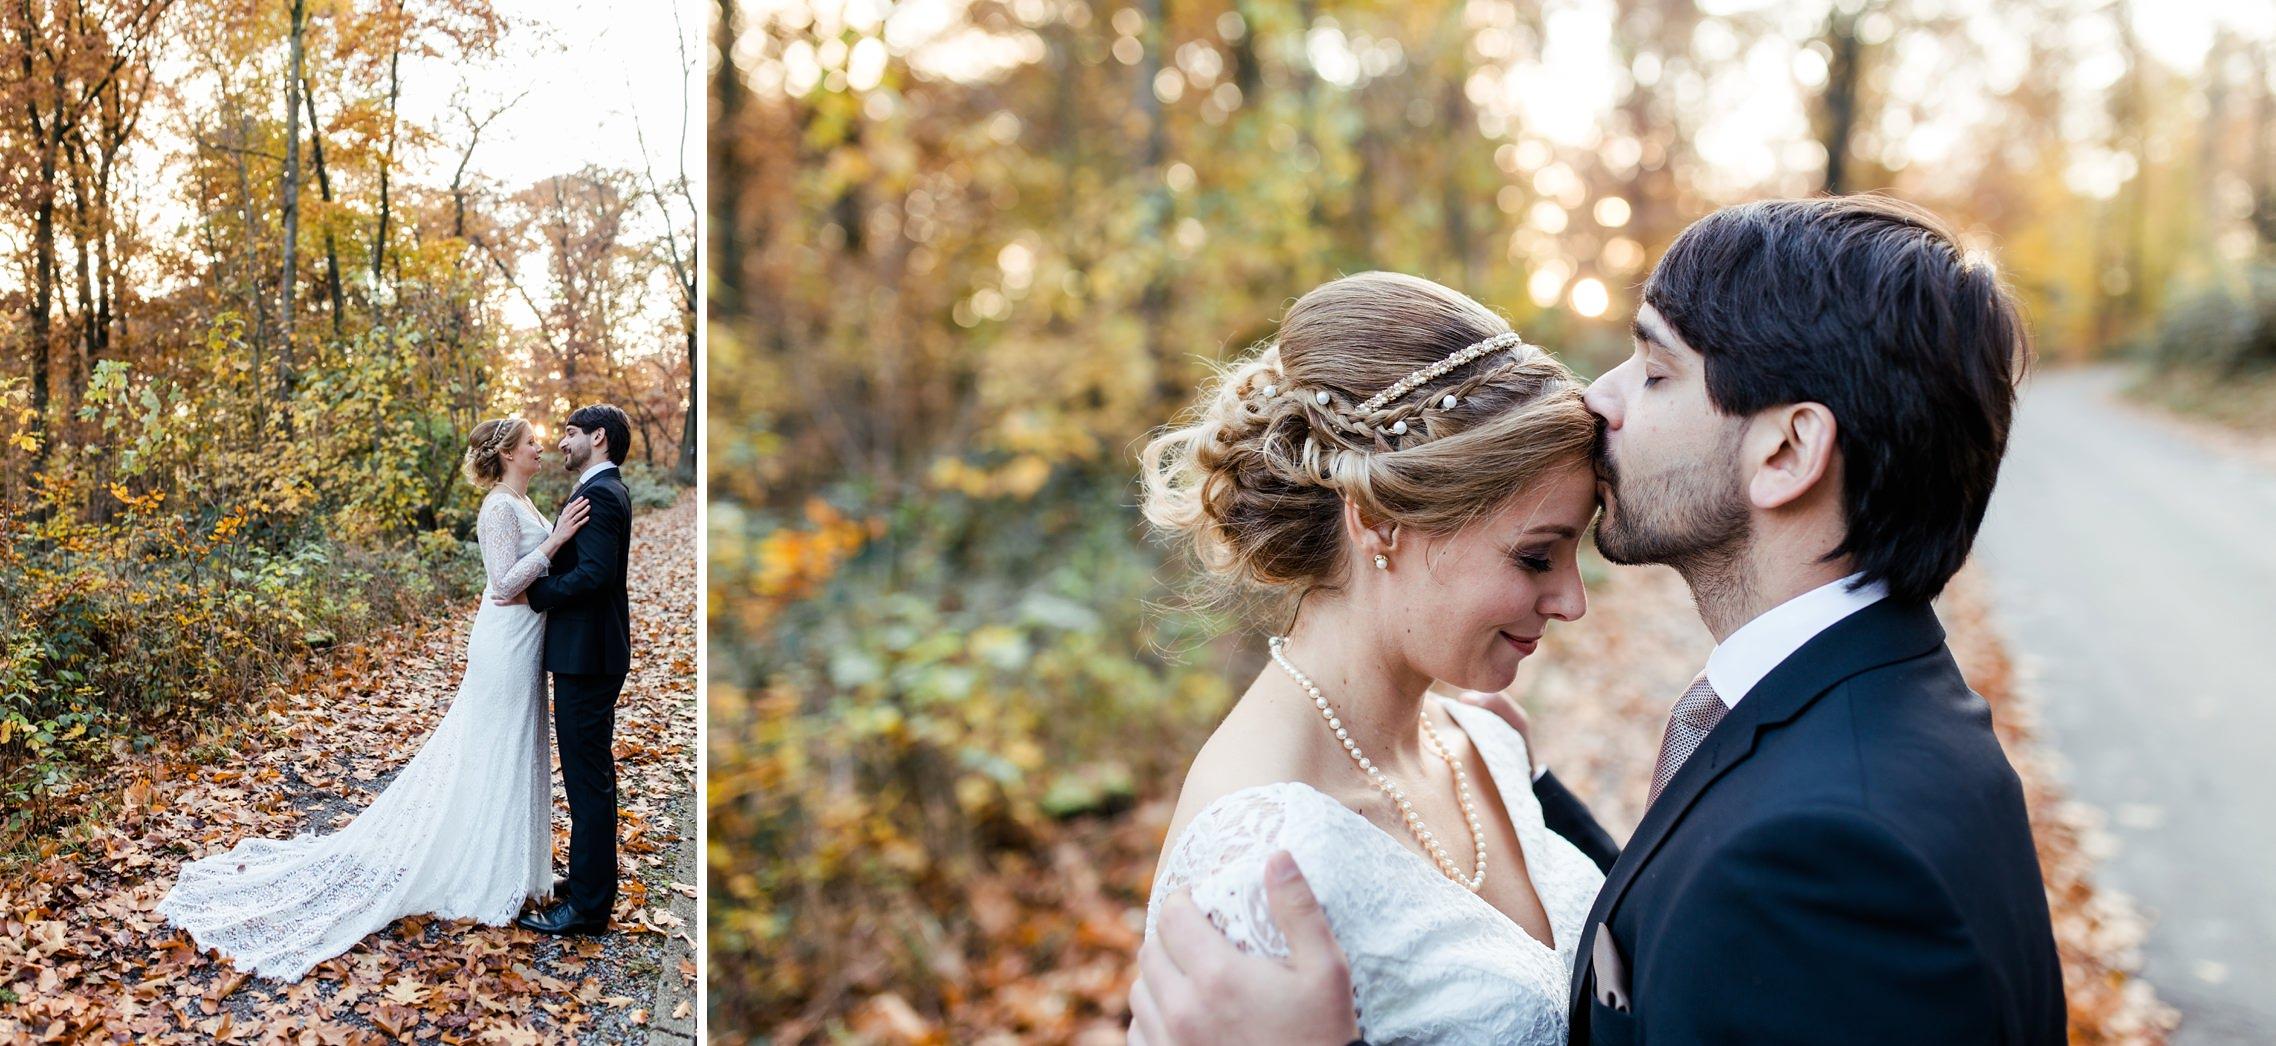 Der Bräutigam küsst seine Braut auf die Stirn beim Hochzeits-Shooting im herbstlichen Laubwald